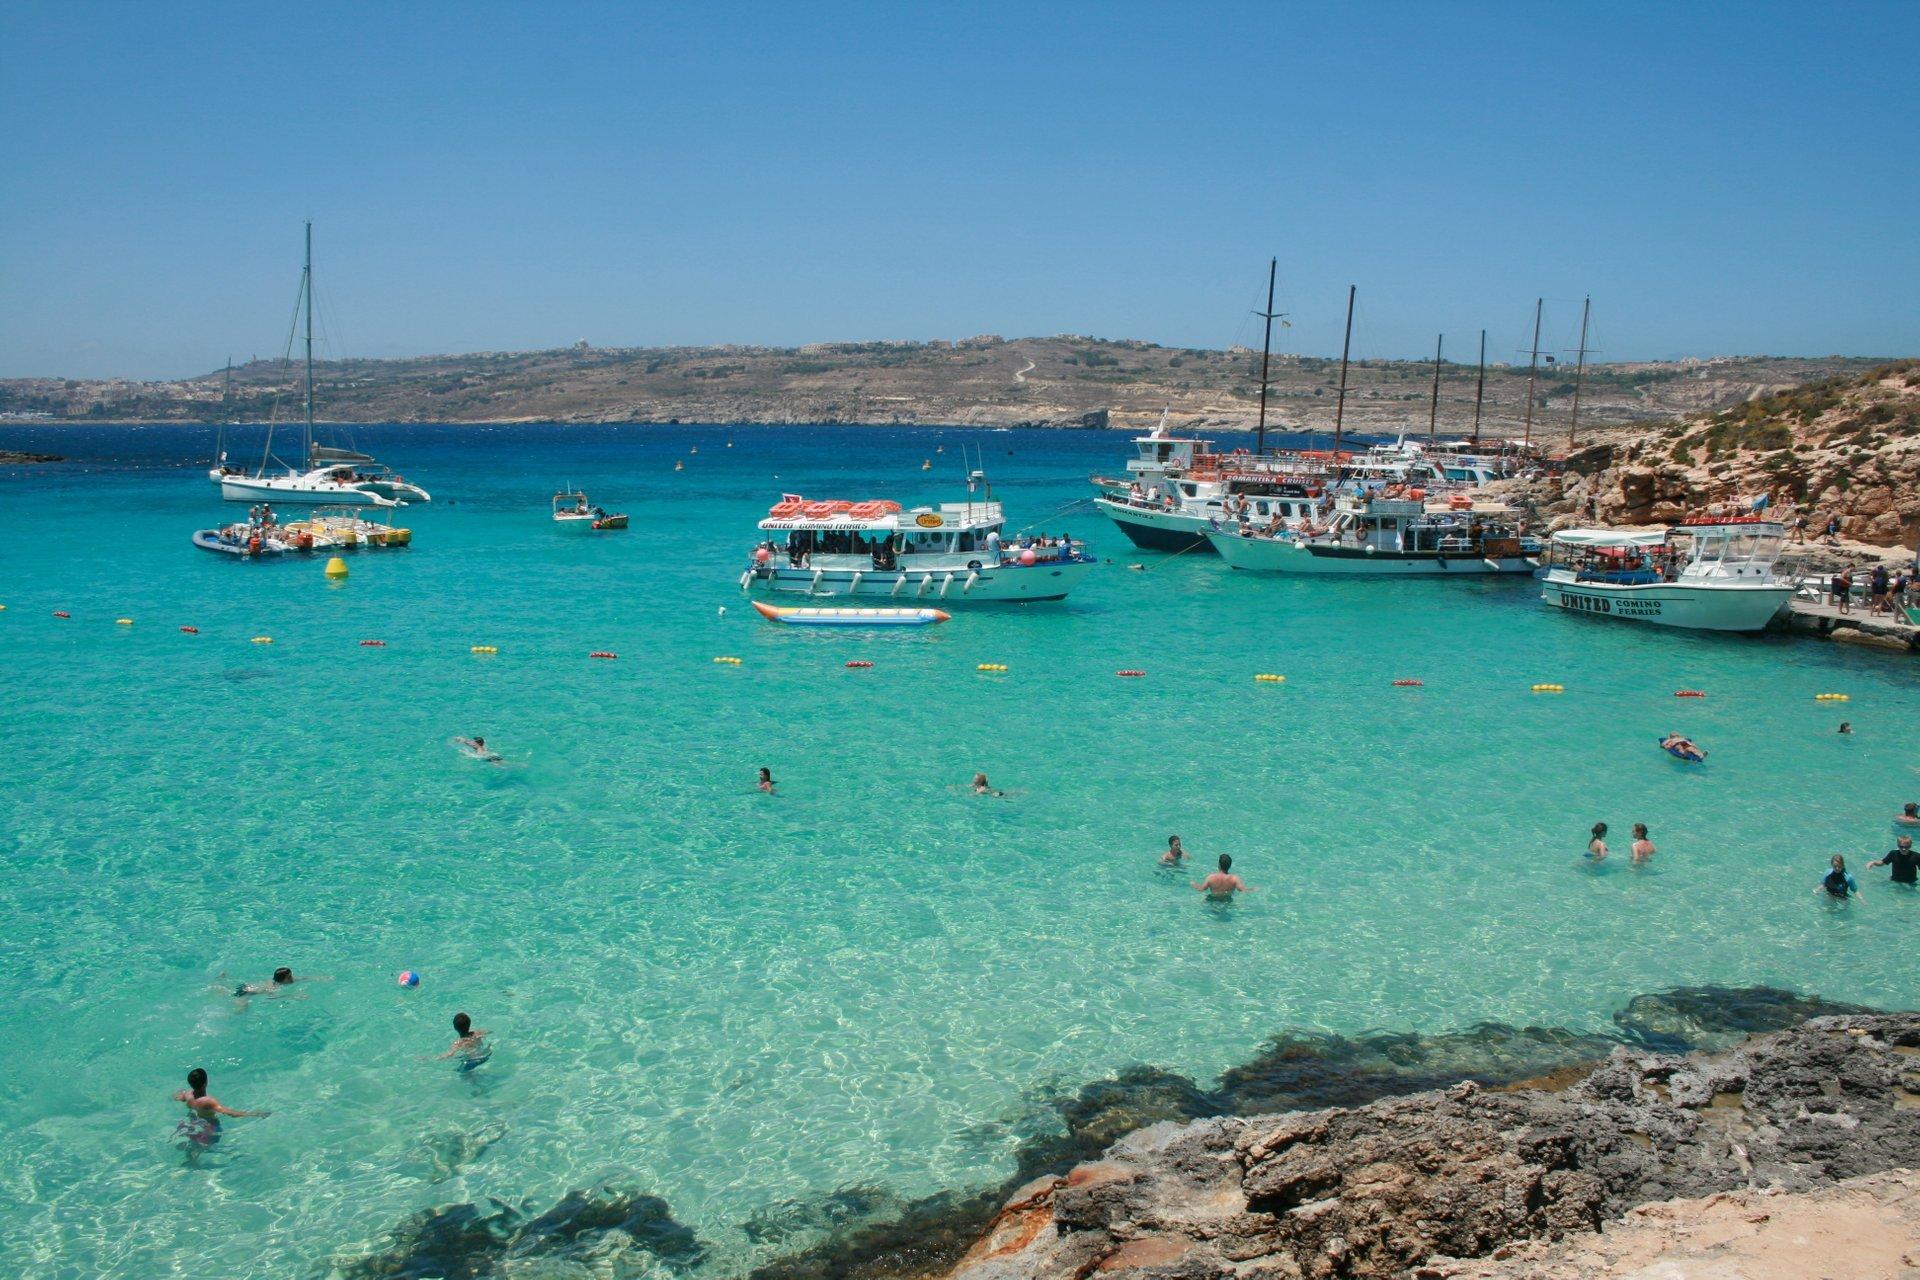 Summer in Malta 2020 - Best Time